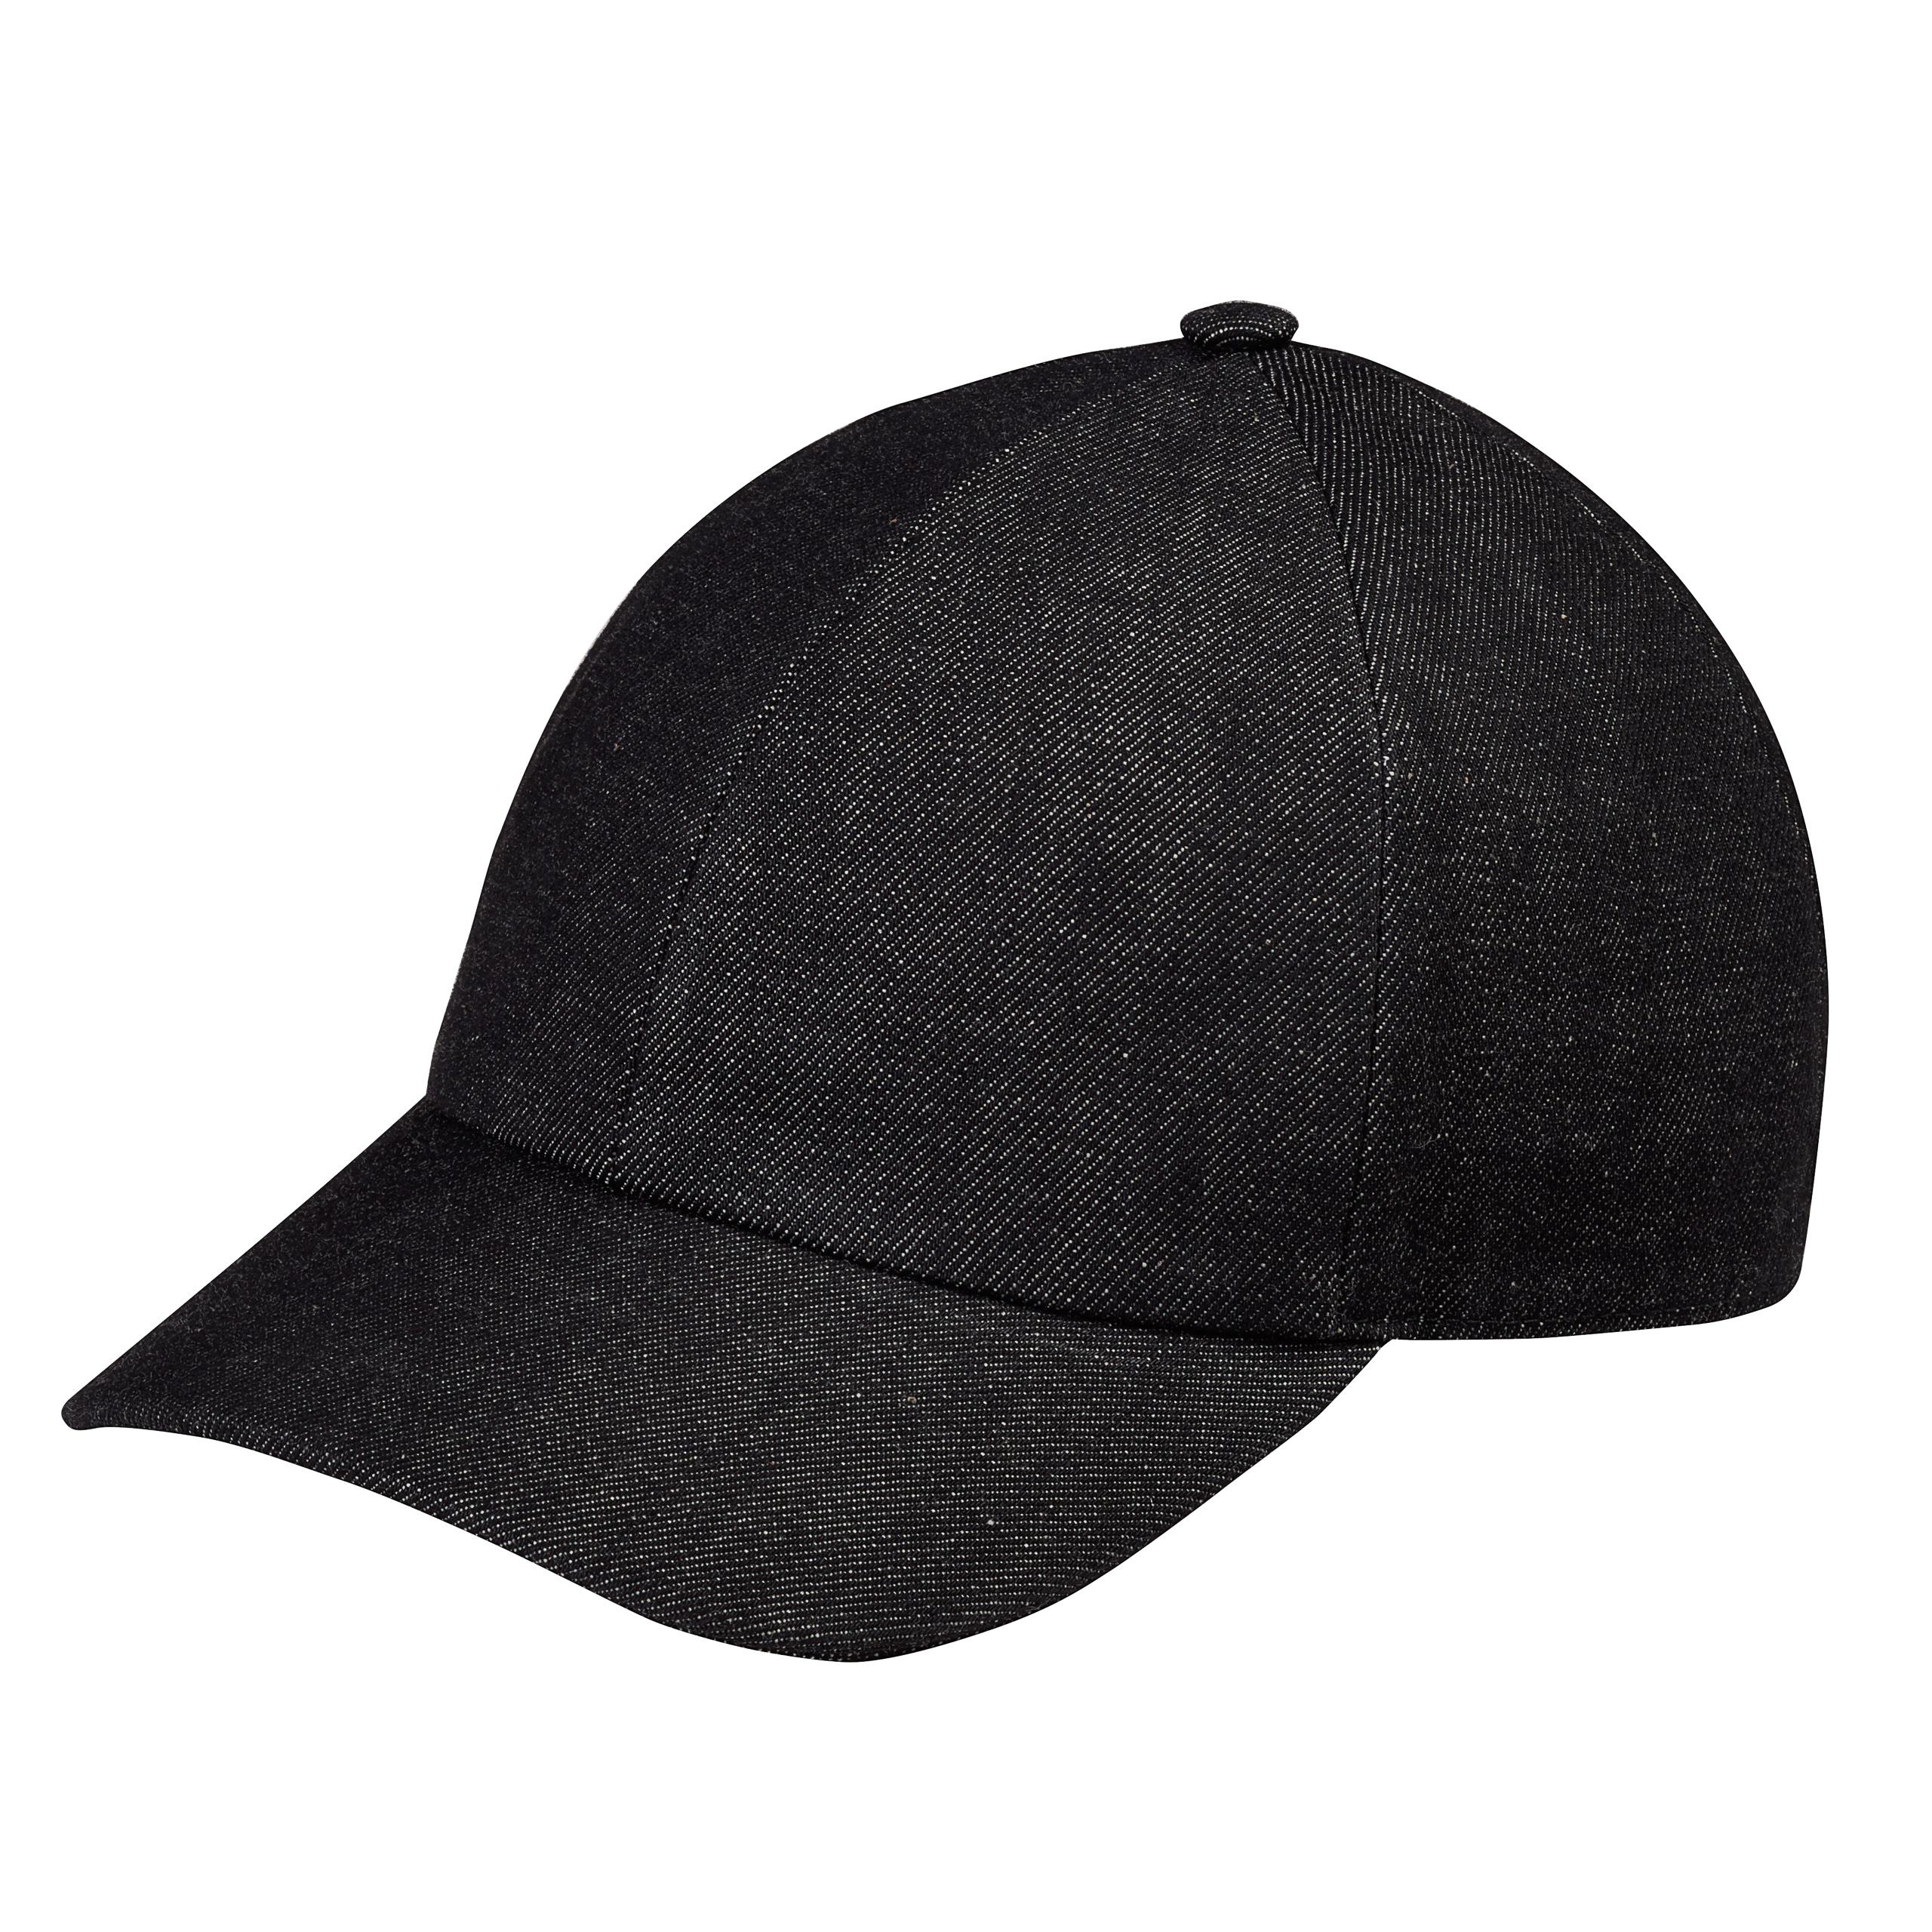 Vianel dark denim hat.